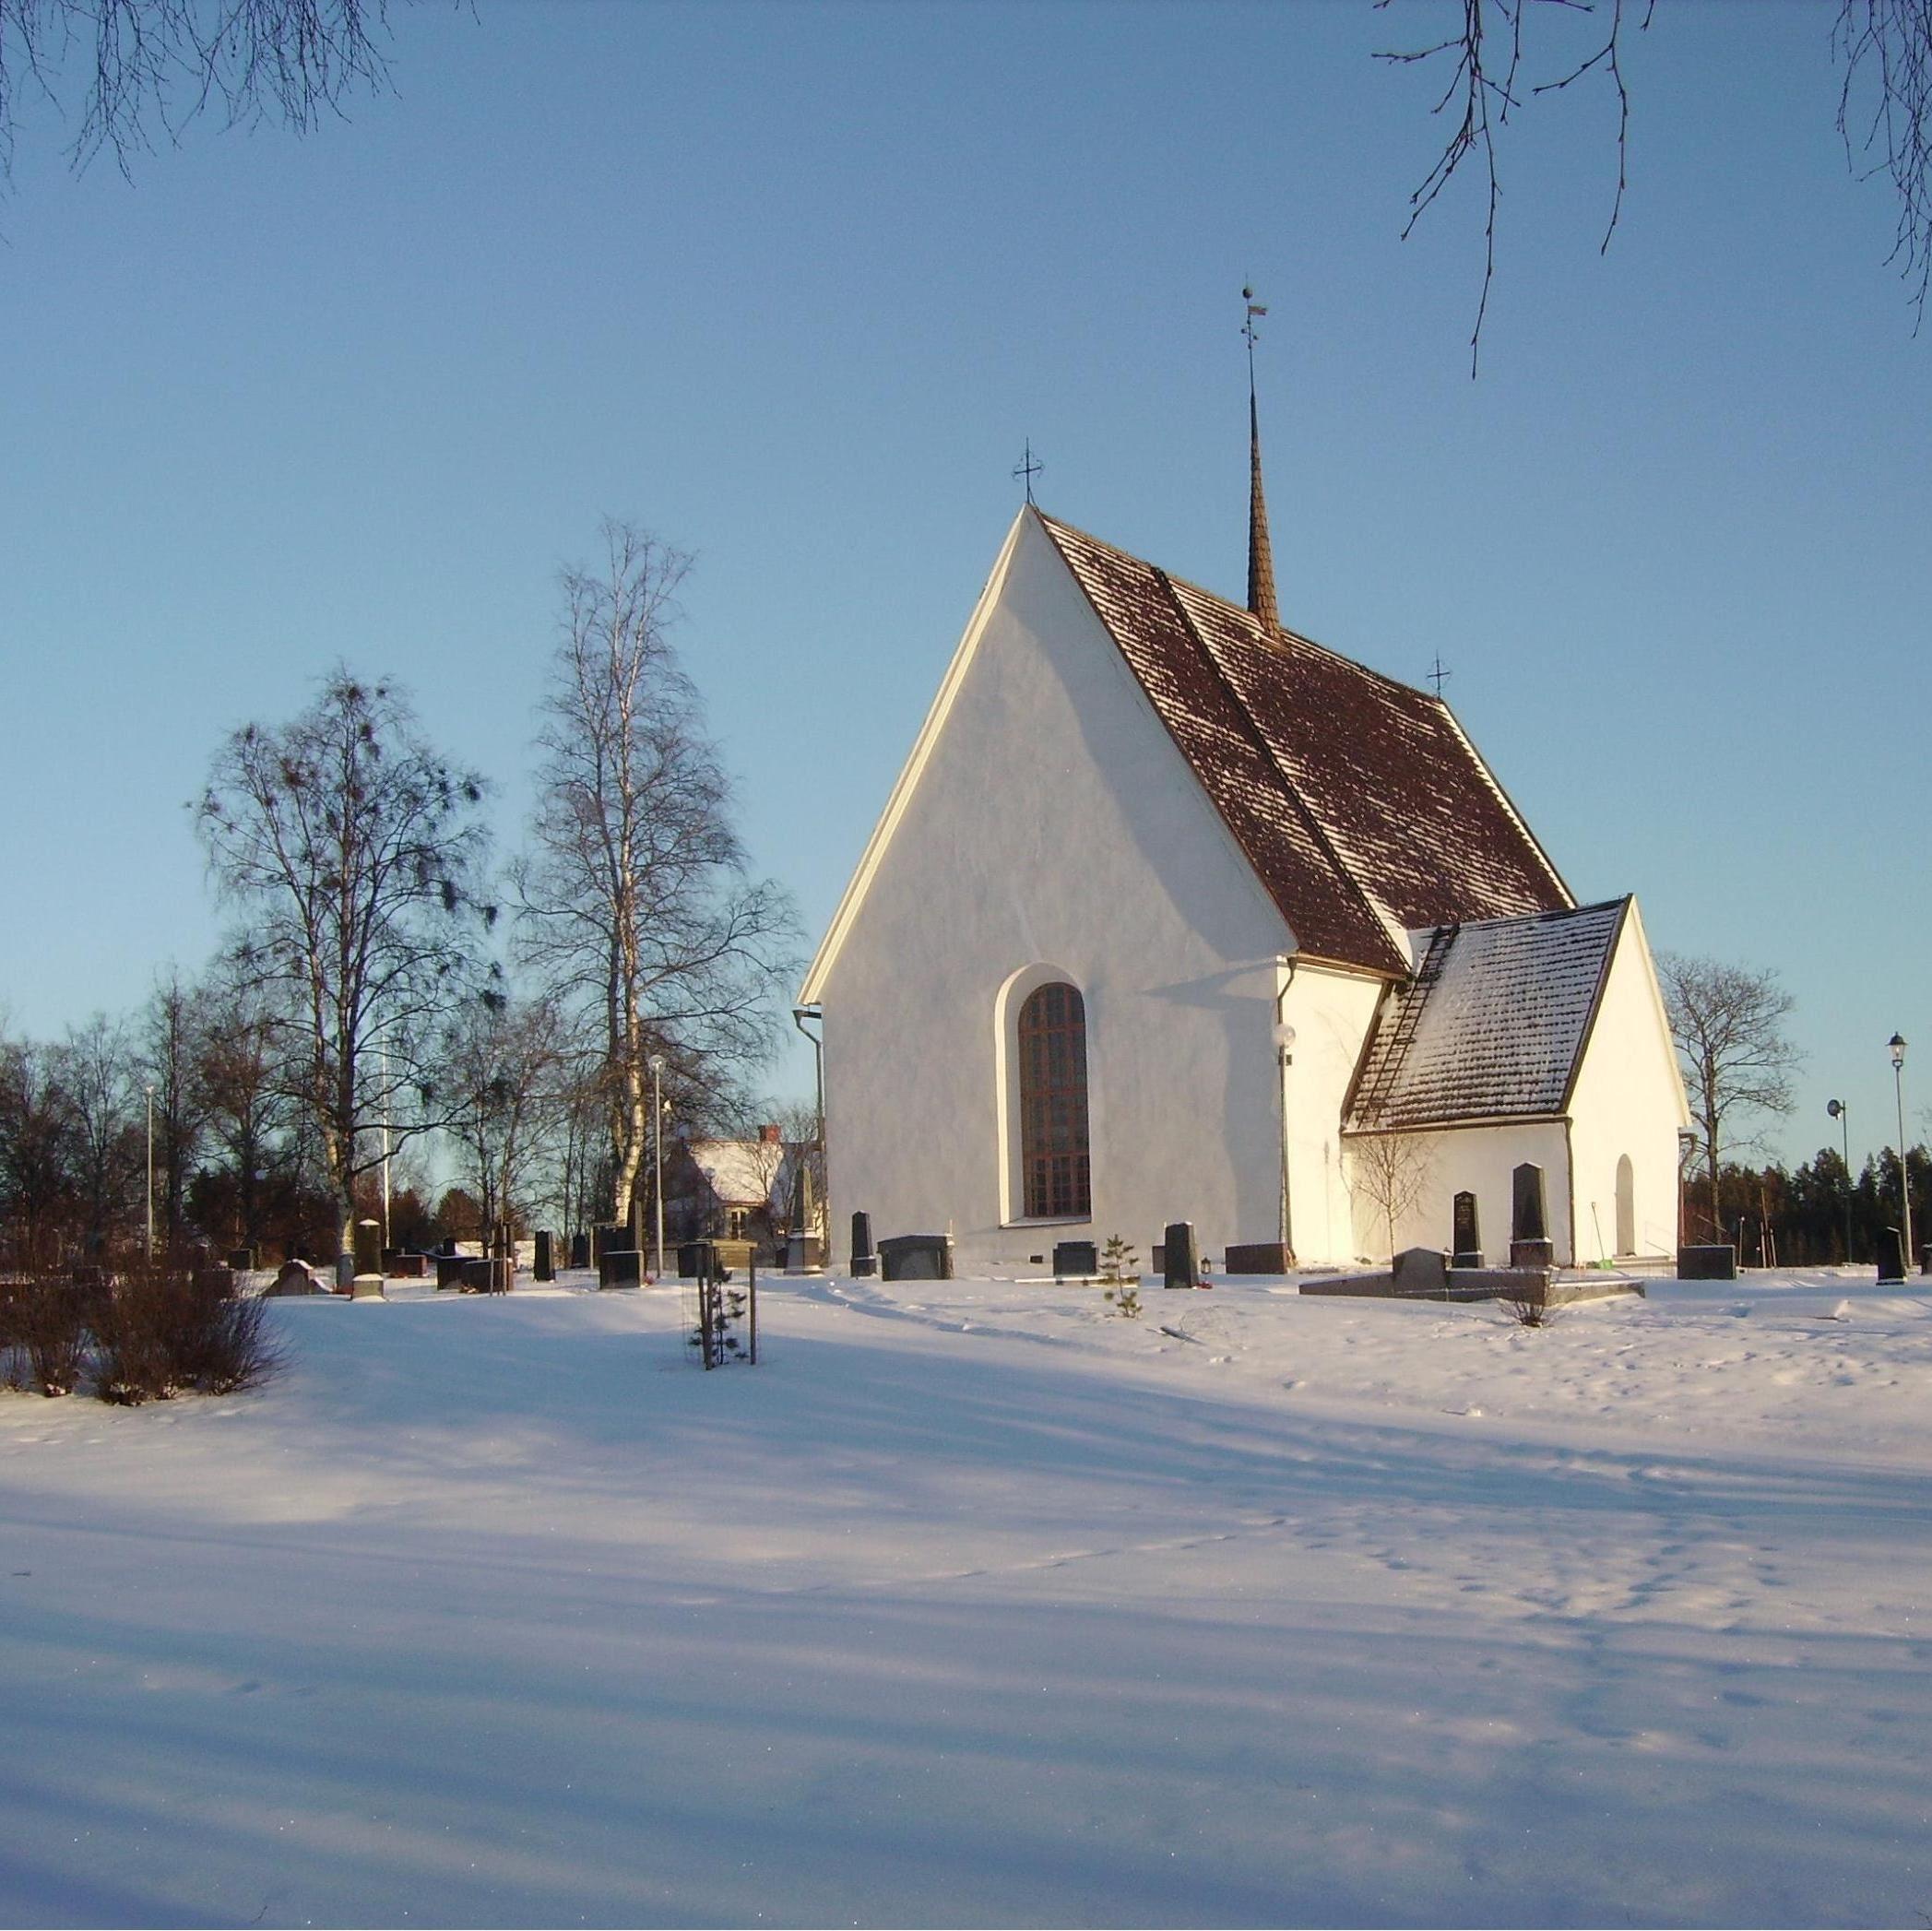 Foto: Grundsunda församling, Kyrka från 1200-talet.